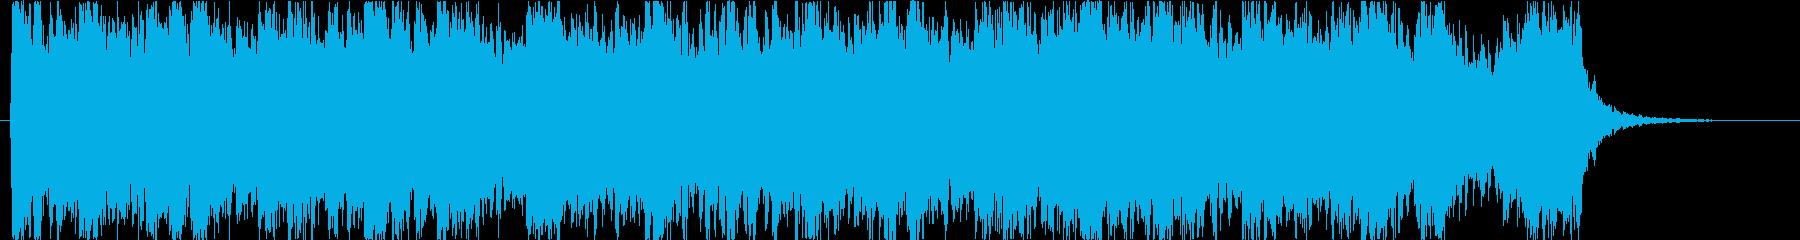 奇跡感動的なピアノとオーケストラ:短縮版の再生済みの波形